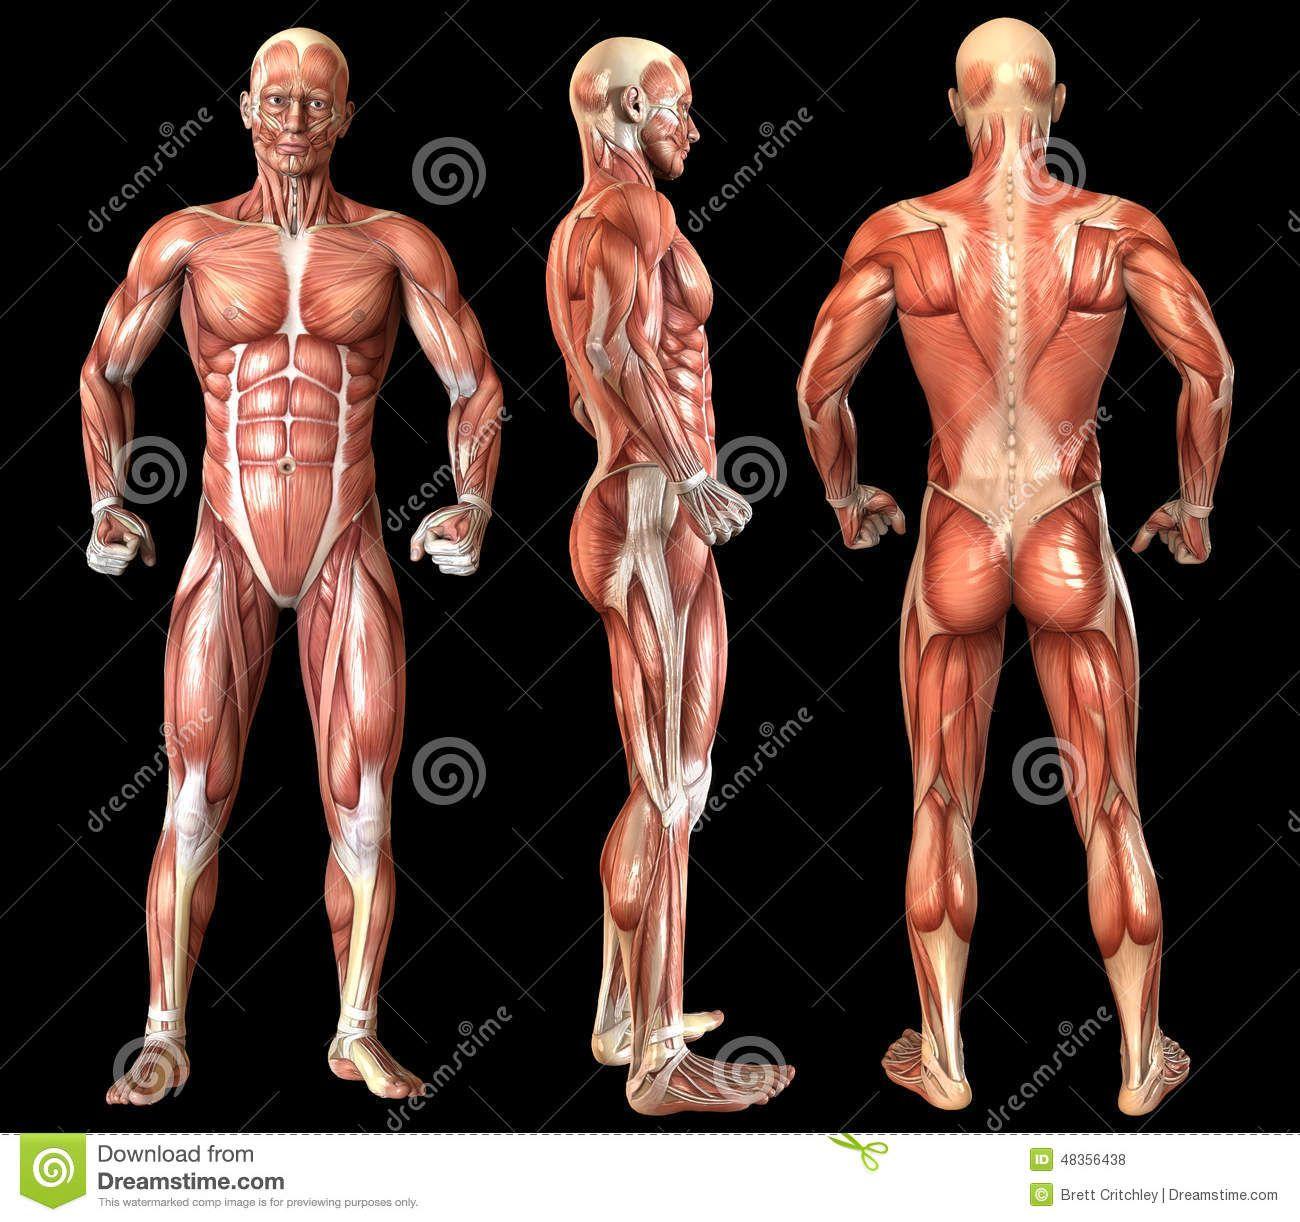 Resultado de imagen para tronco humano con musculos | Dibujos ...